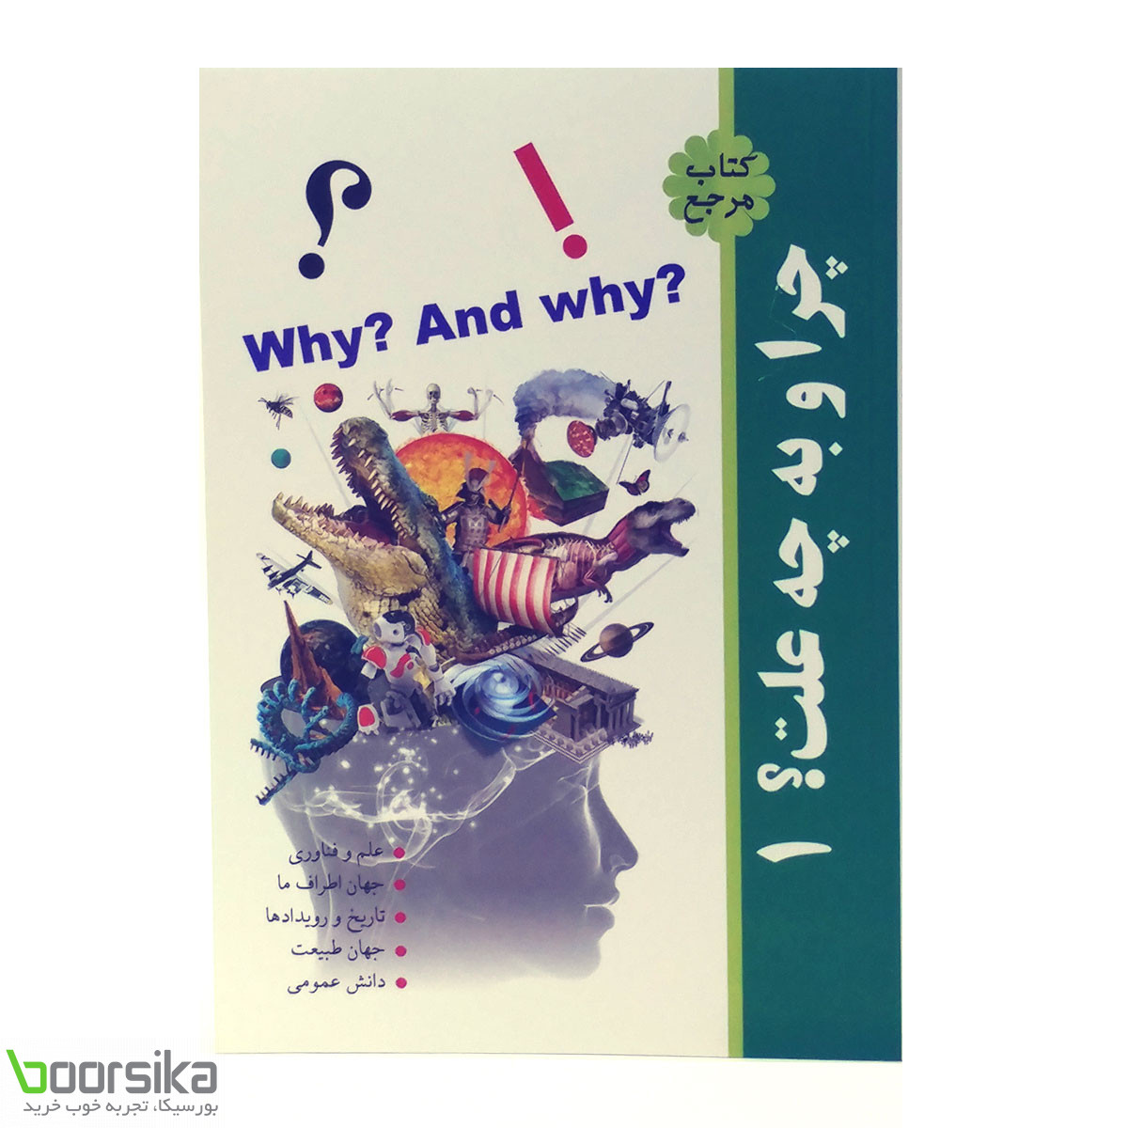 کتاب آموزشی چرا و به چه علت